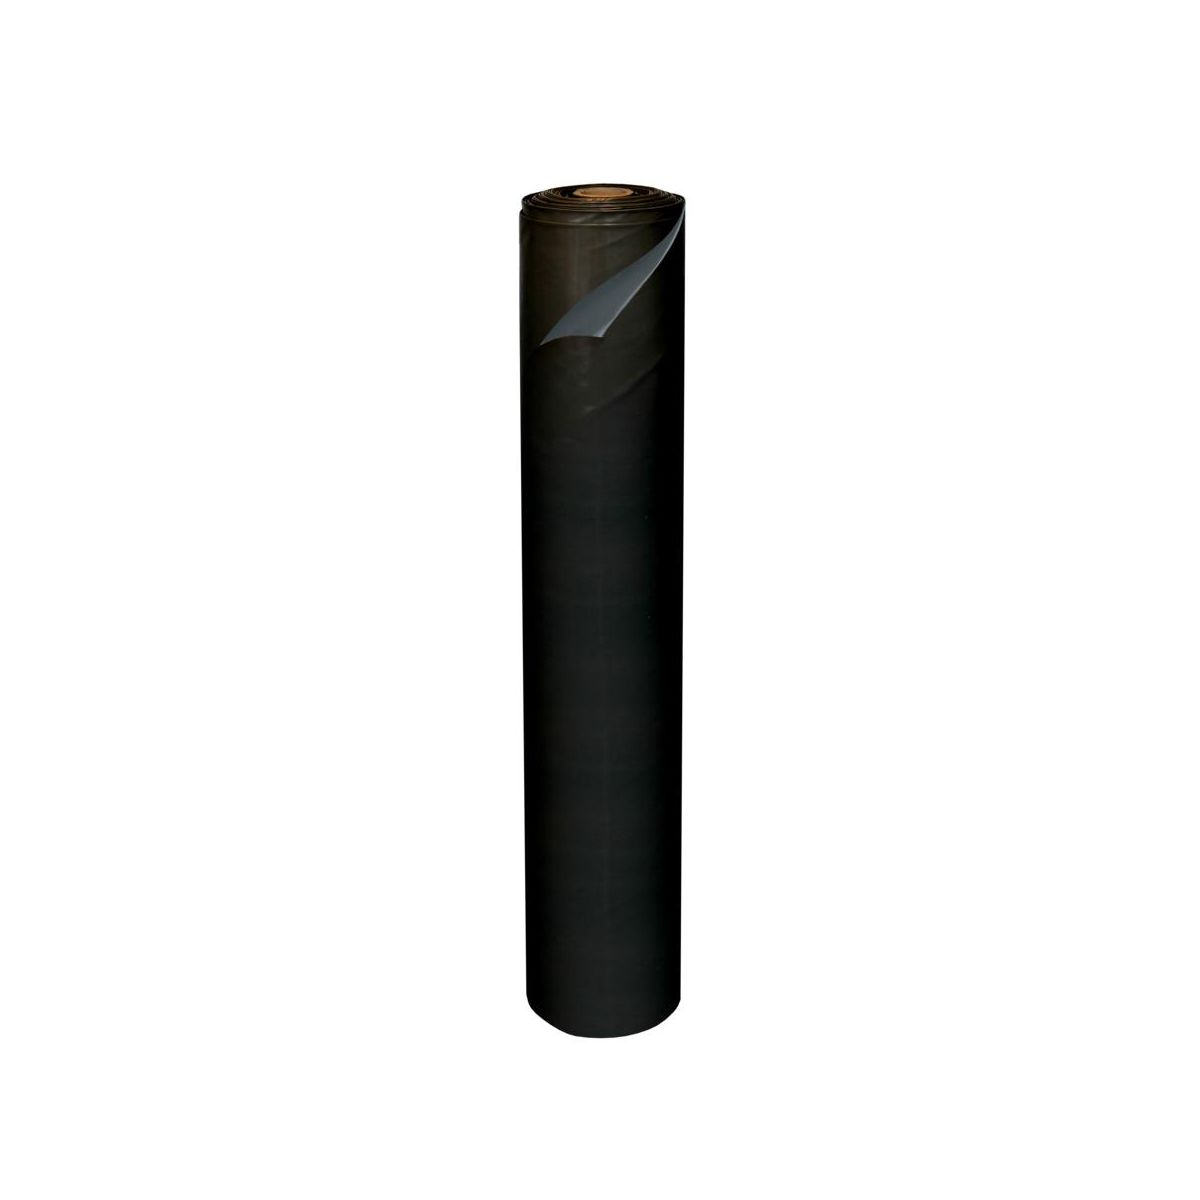 Folia Ochronna Czarna 4 X 25 Mb Element Folie Ochronne W Atrakcyjnej Cenie W Sklepach Leroy Merlin